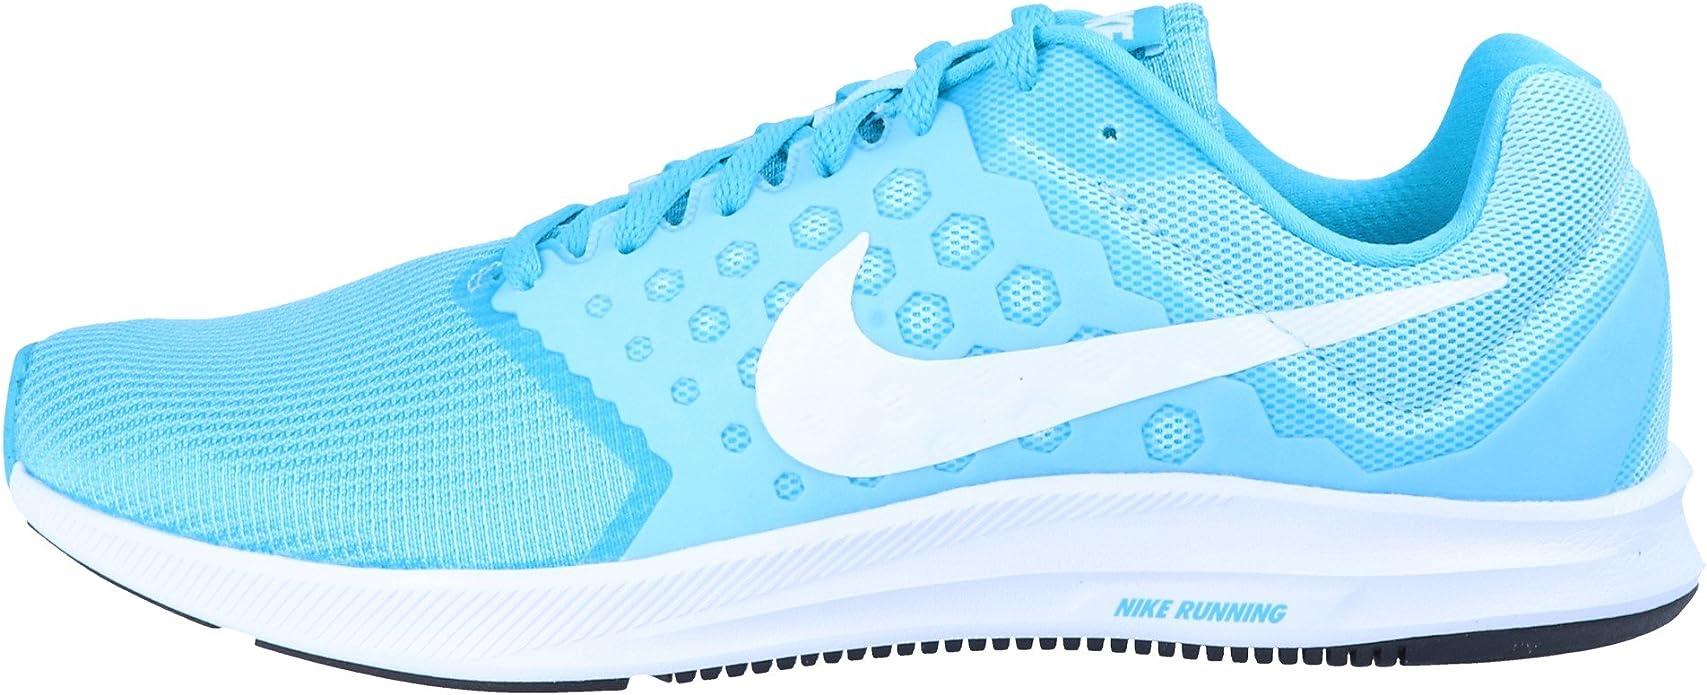 Nike Performance Wmns Nike Downshifter 7 para Mujer Calzado Deportivo Azul: Amazon.es: Zapatos y complementos